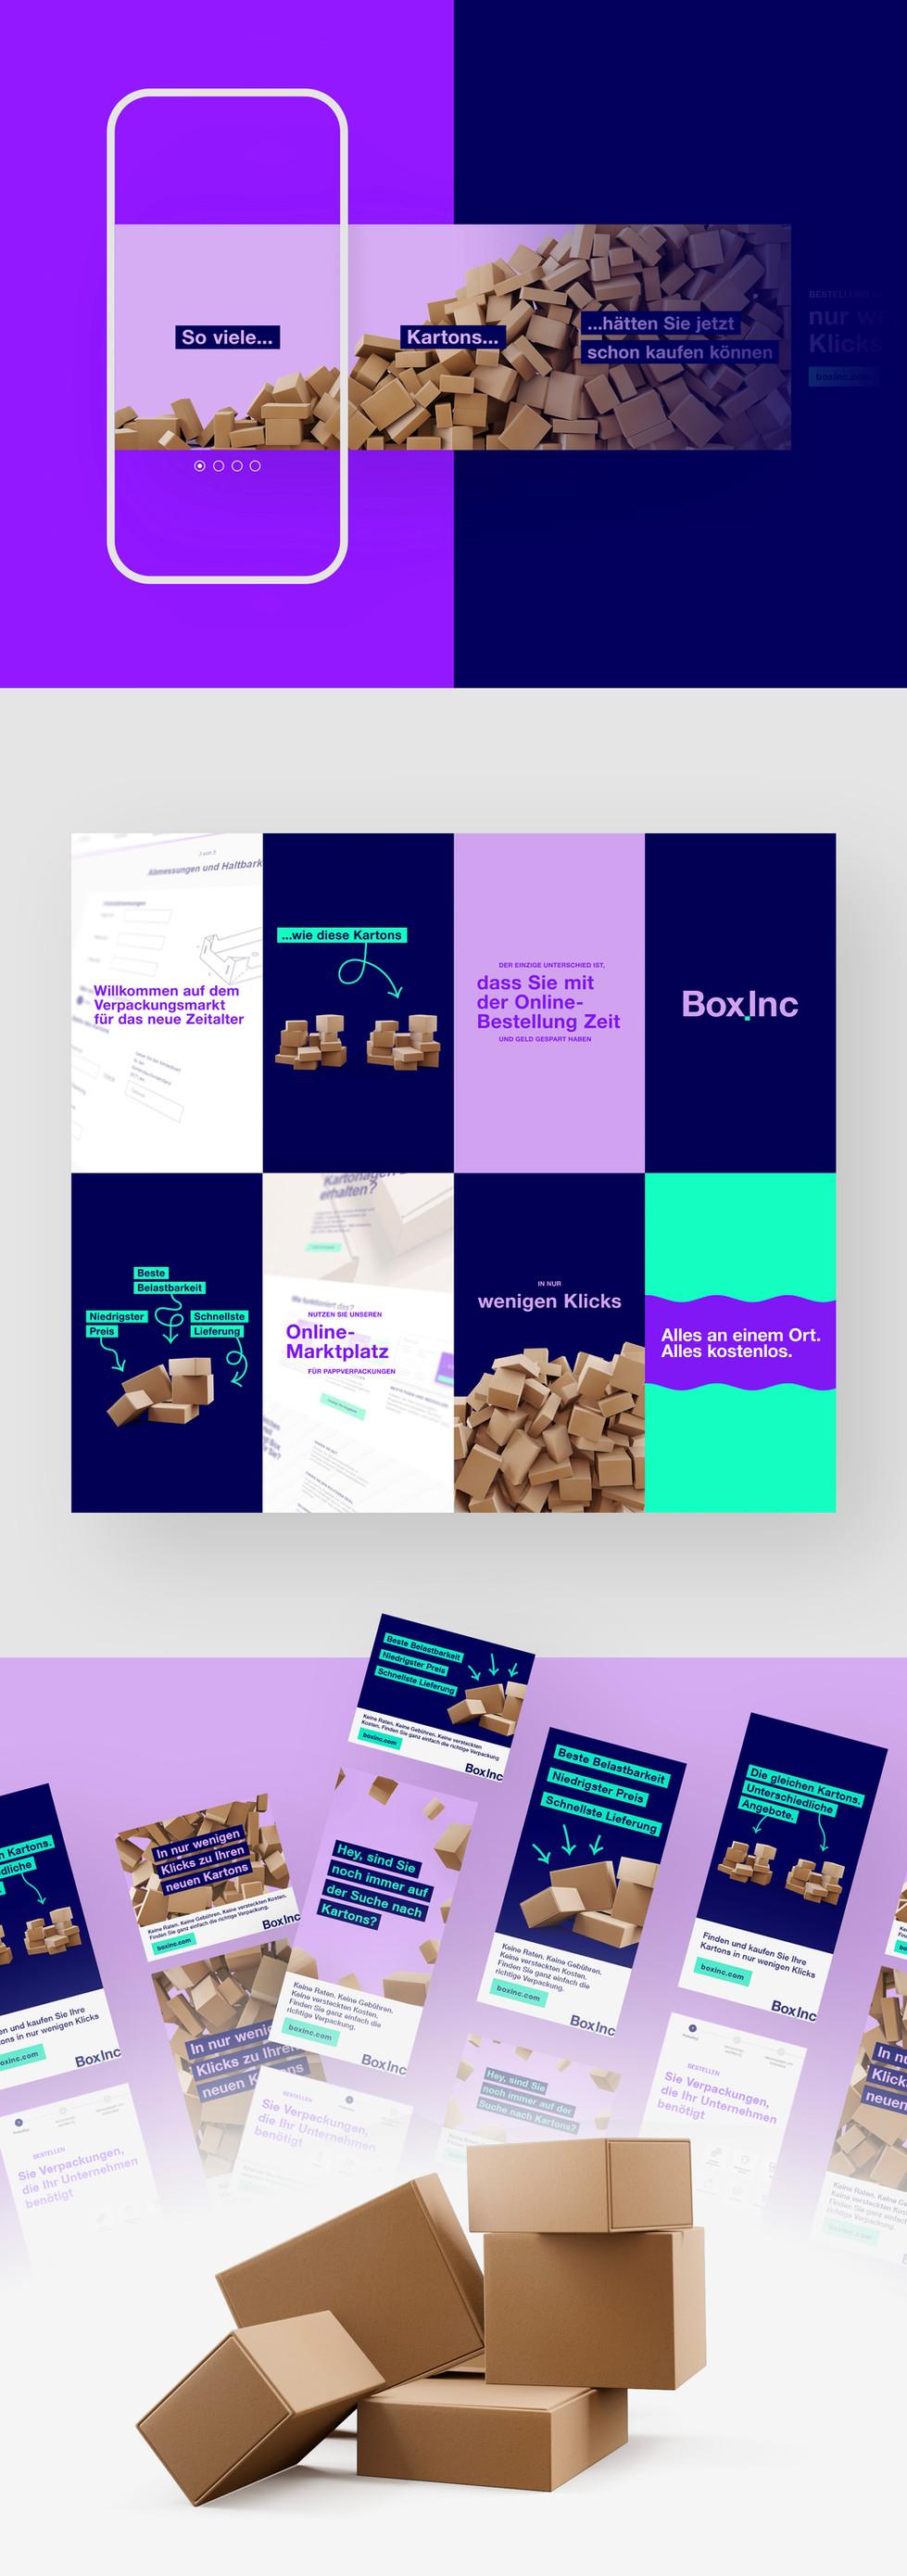 boxinc-hemsida-mockupjpg